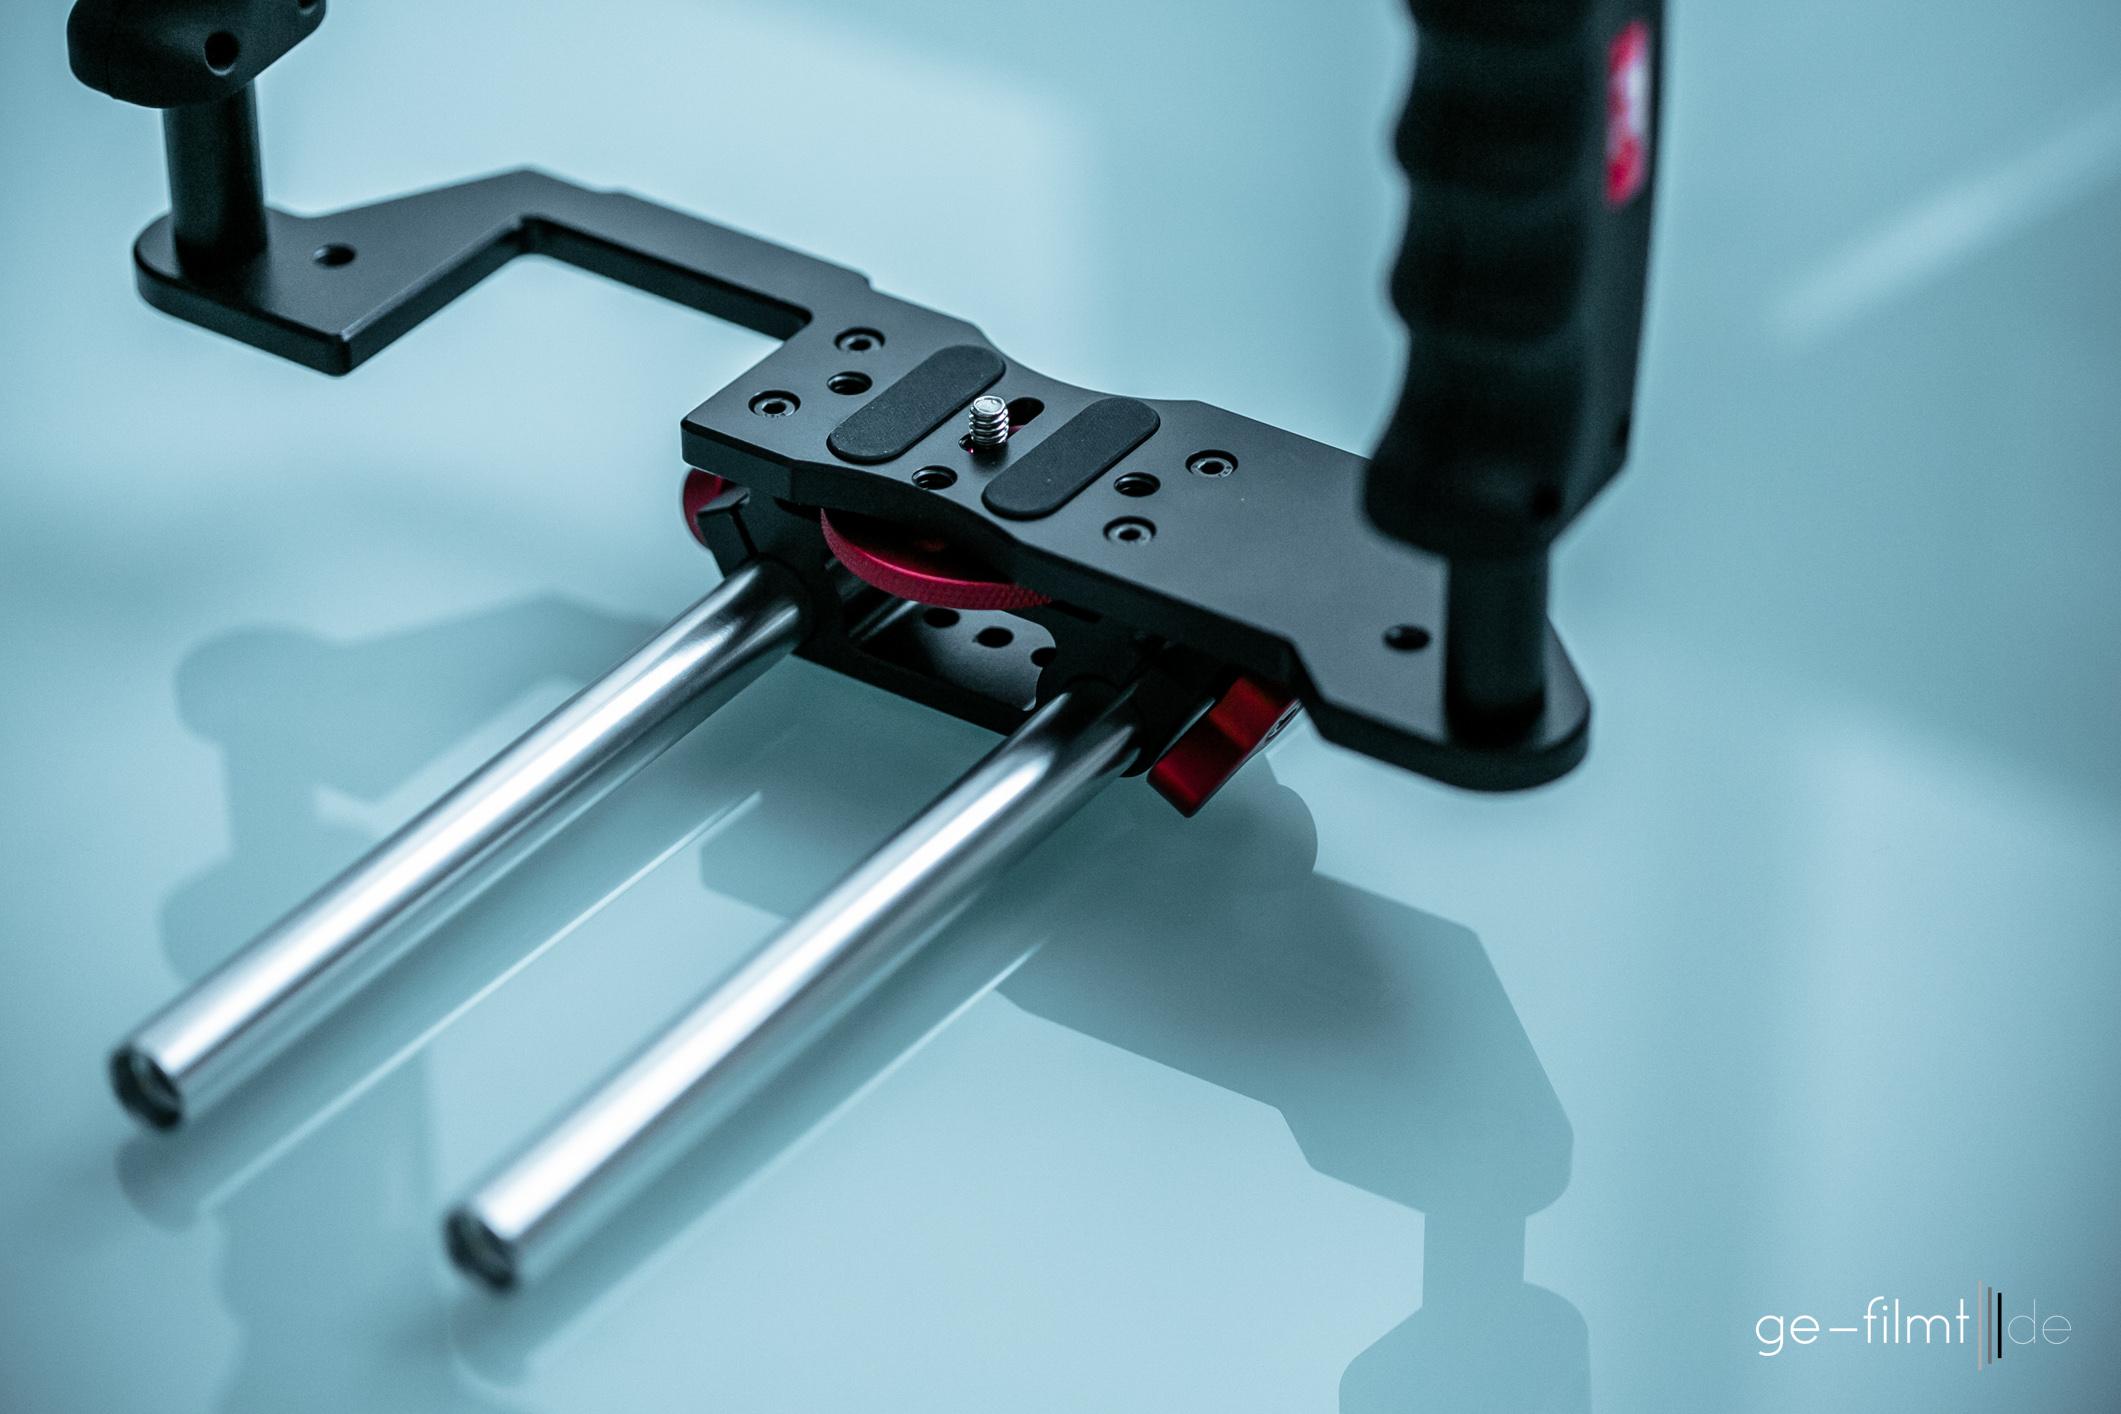 Die 15 mm Rods